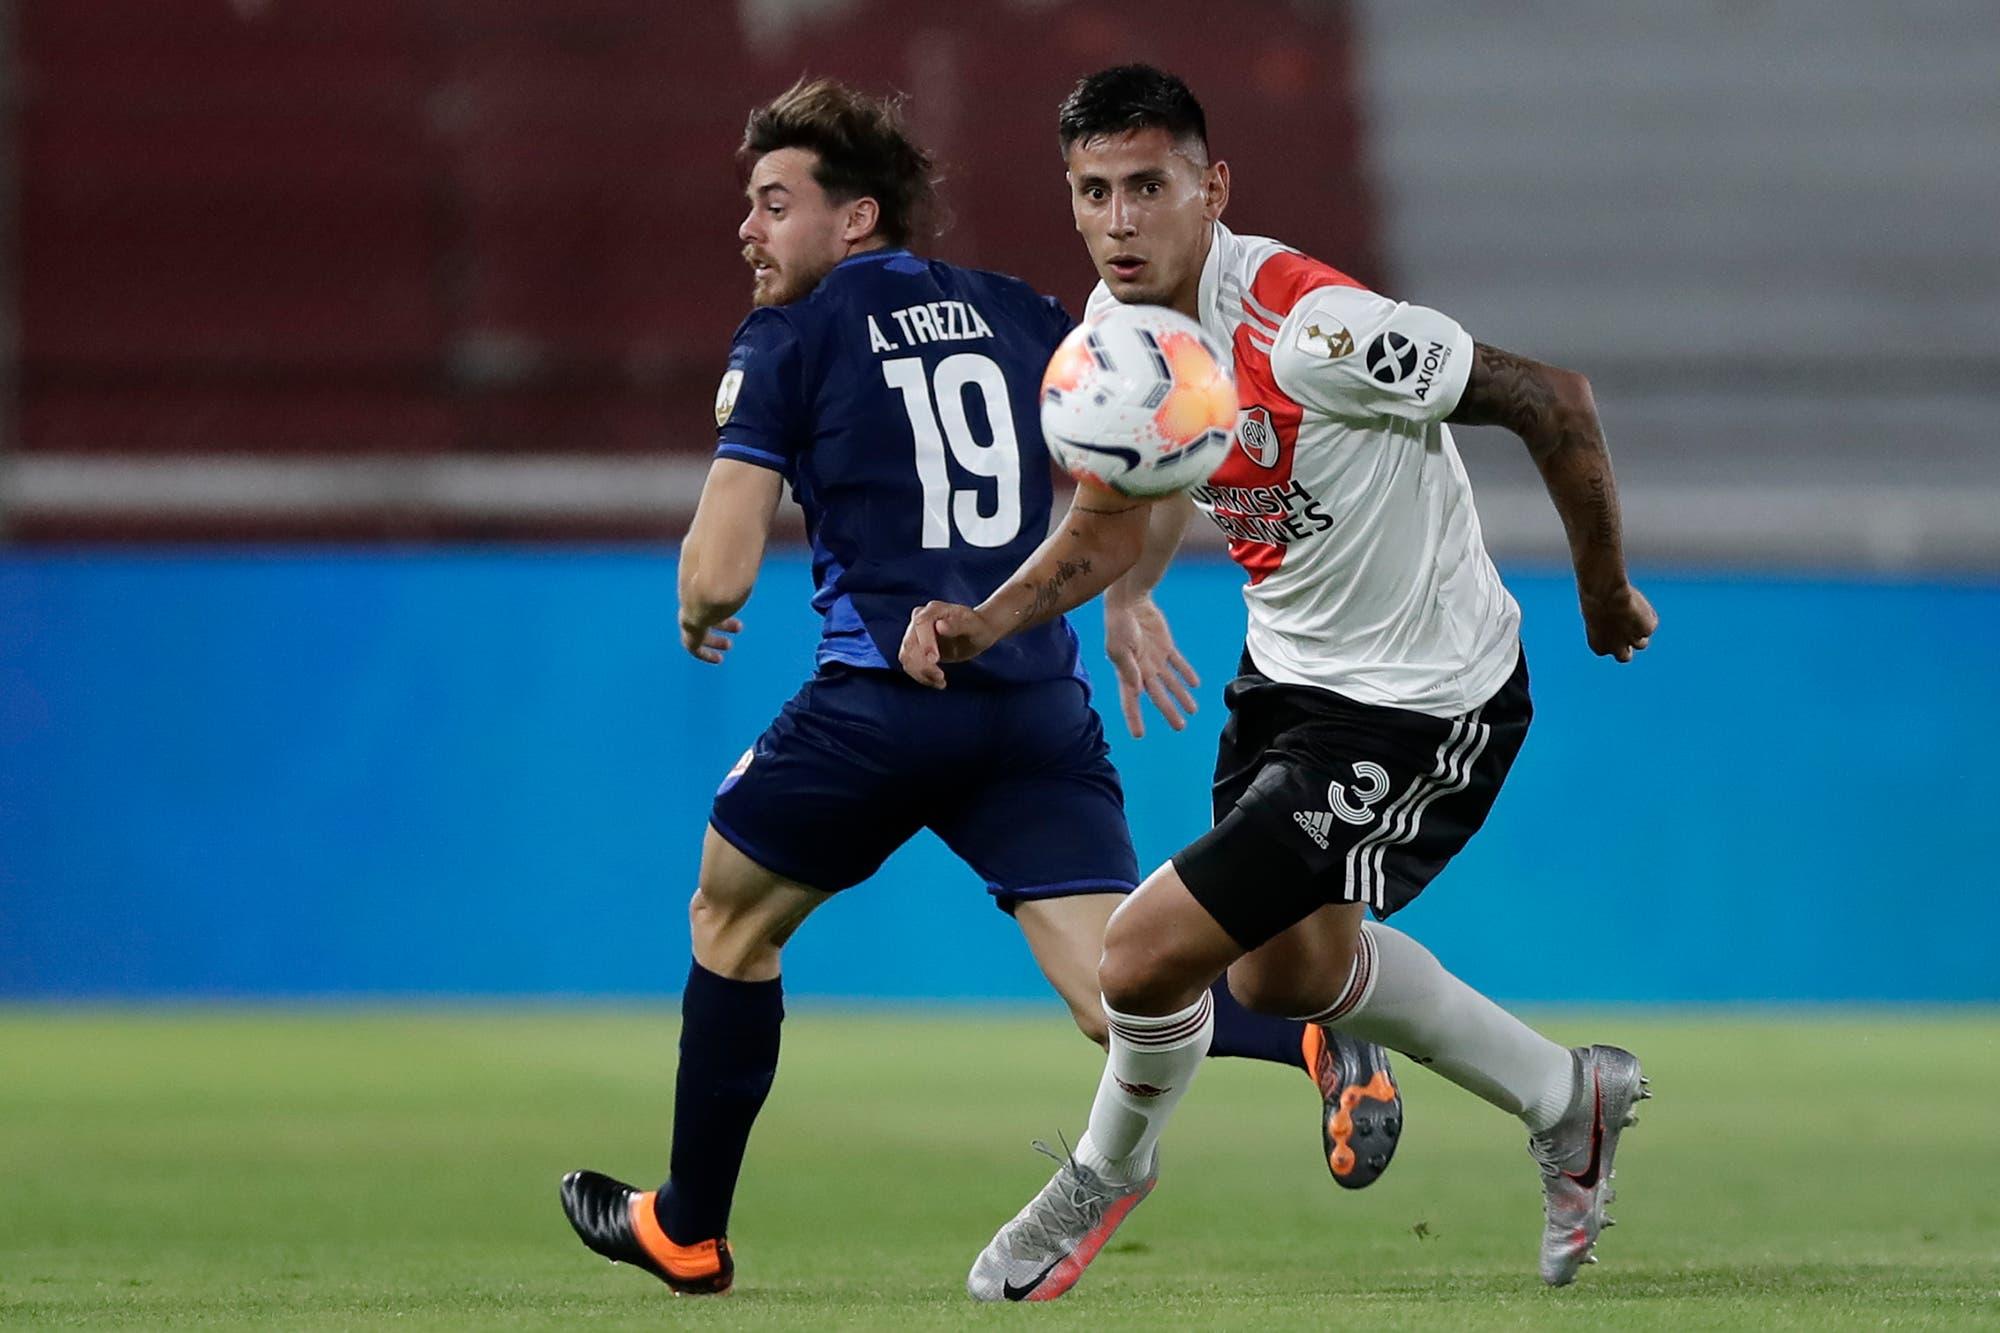 River – Nacional, por la ida de los cuartos de final de la Copa Libertadores: los de Gallardo abren la serie como locales